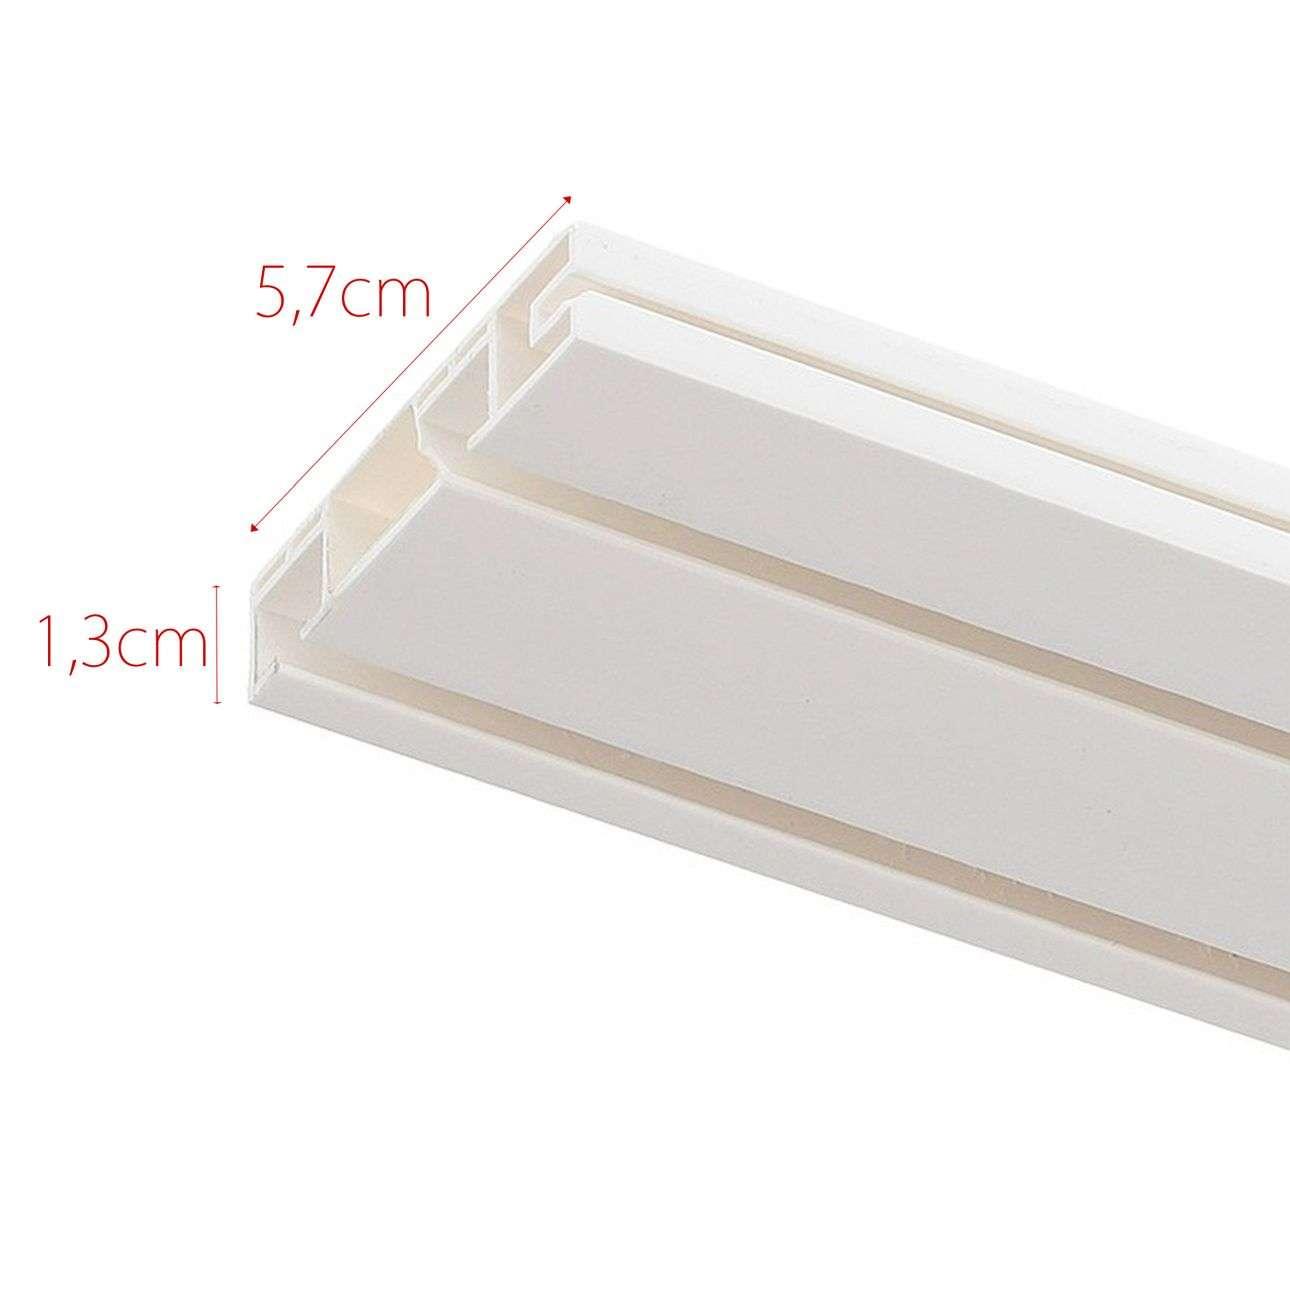 Szyna przysufitowa podwójna prosta 180cm 180cm